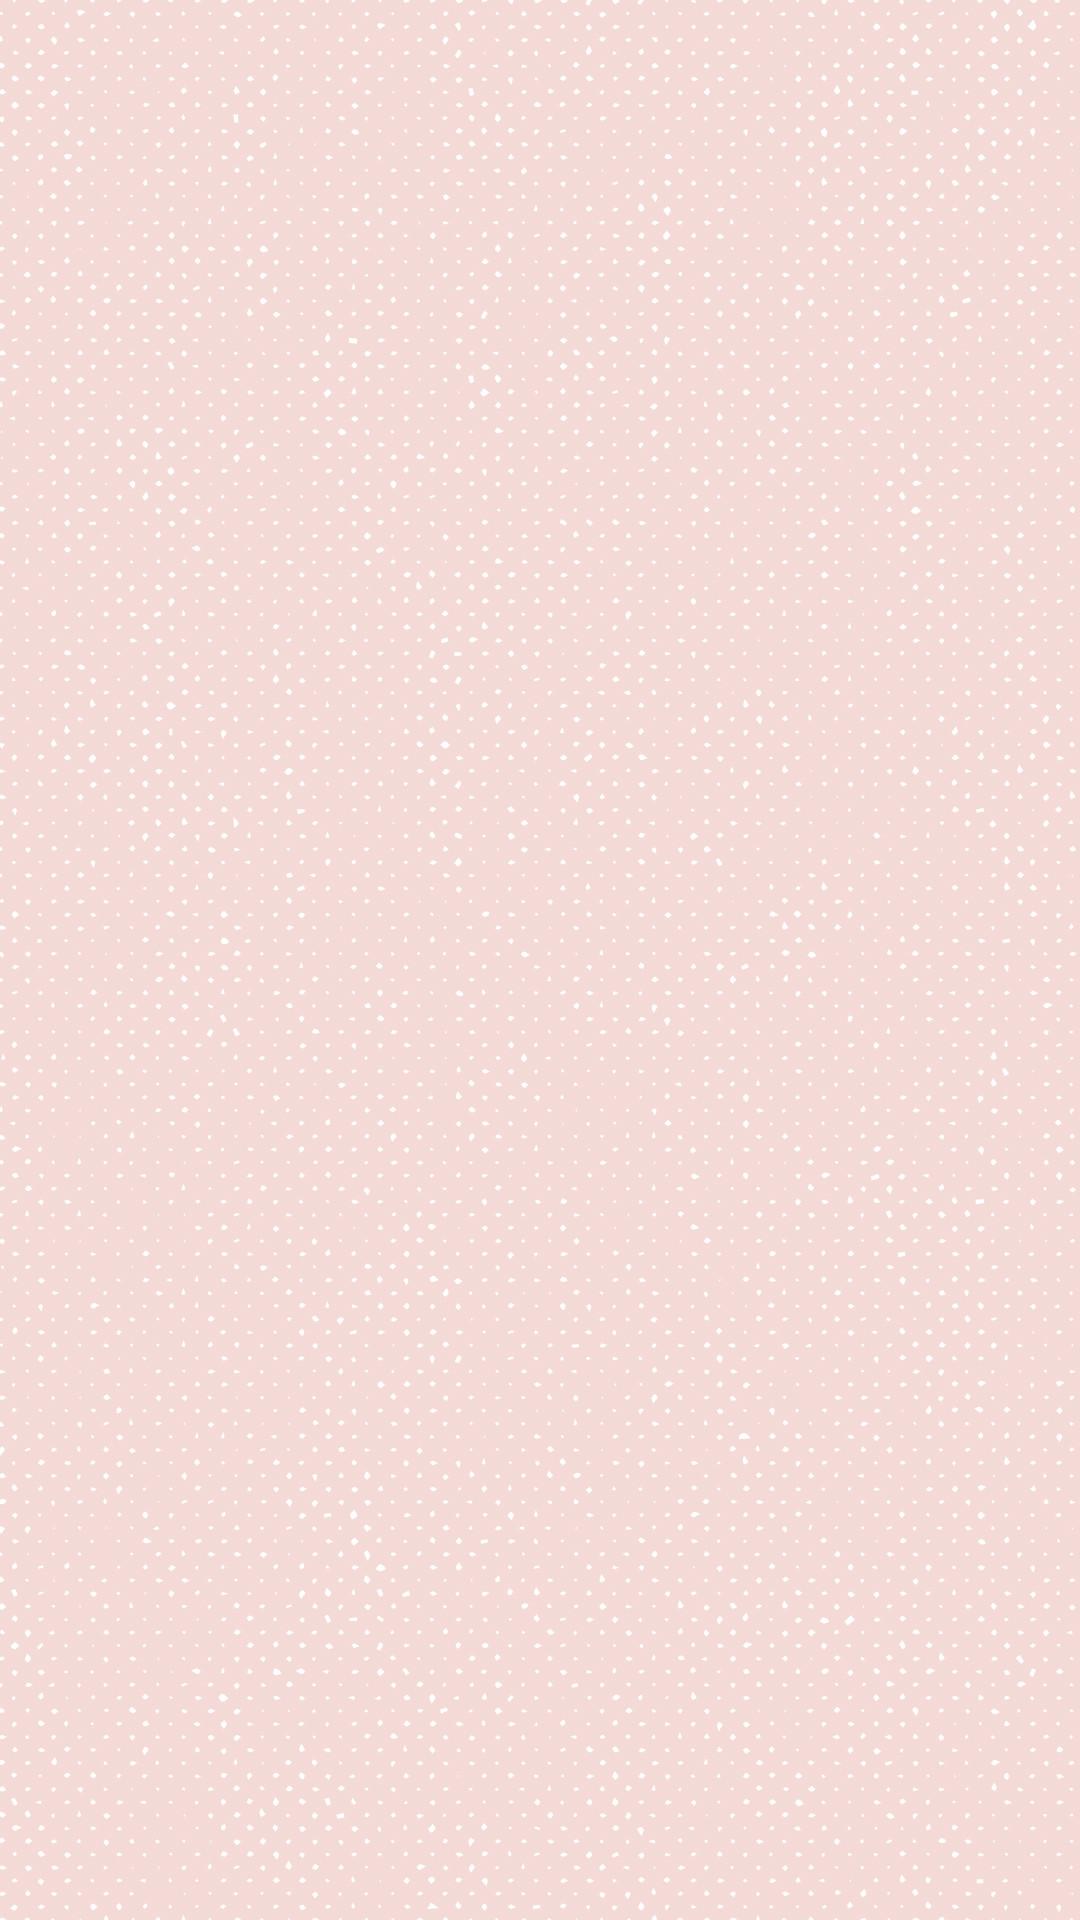 Louboutin Fashion Chic iPhone Wallpaper Home Screen @PanPins